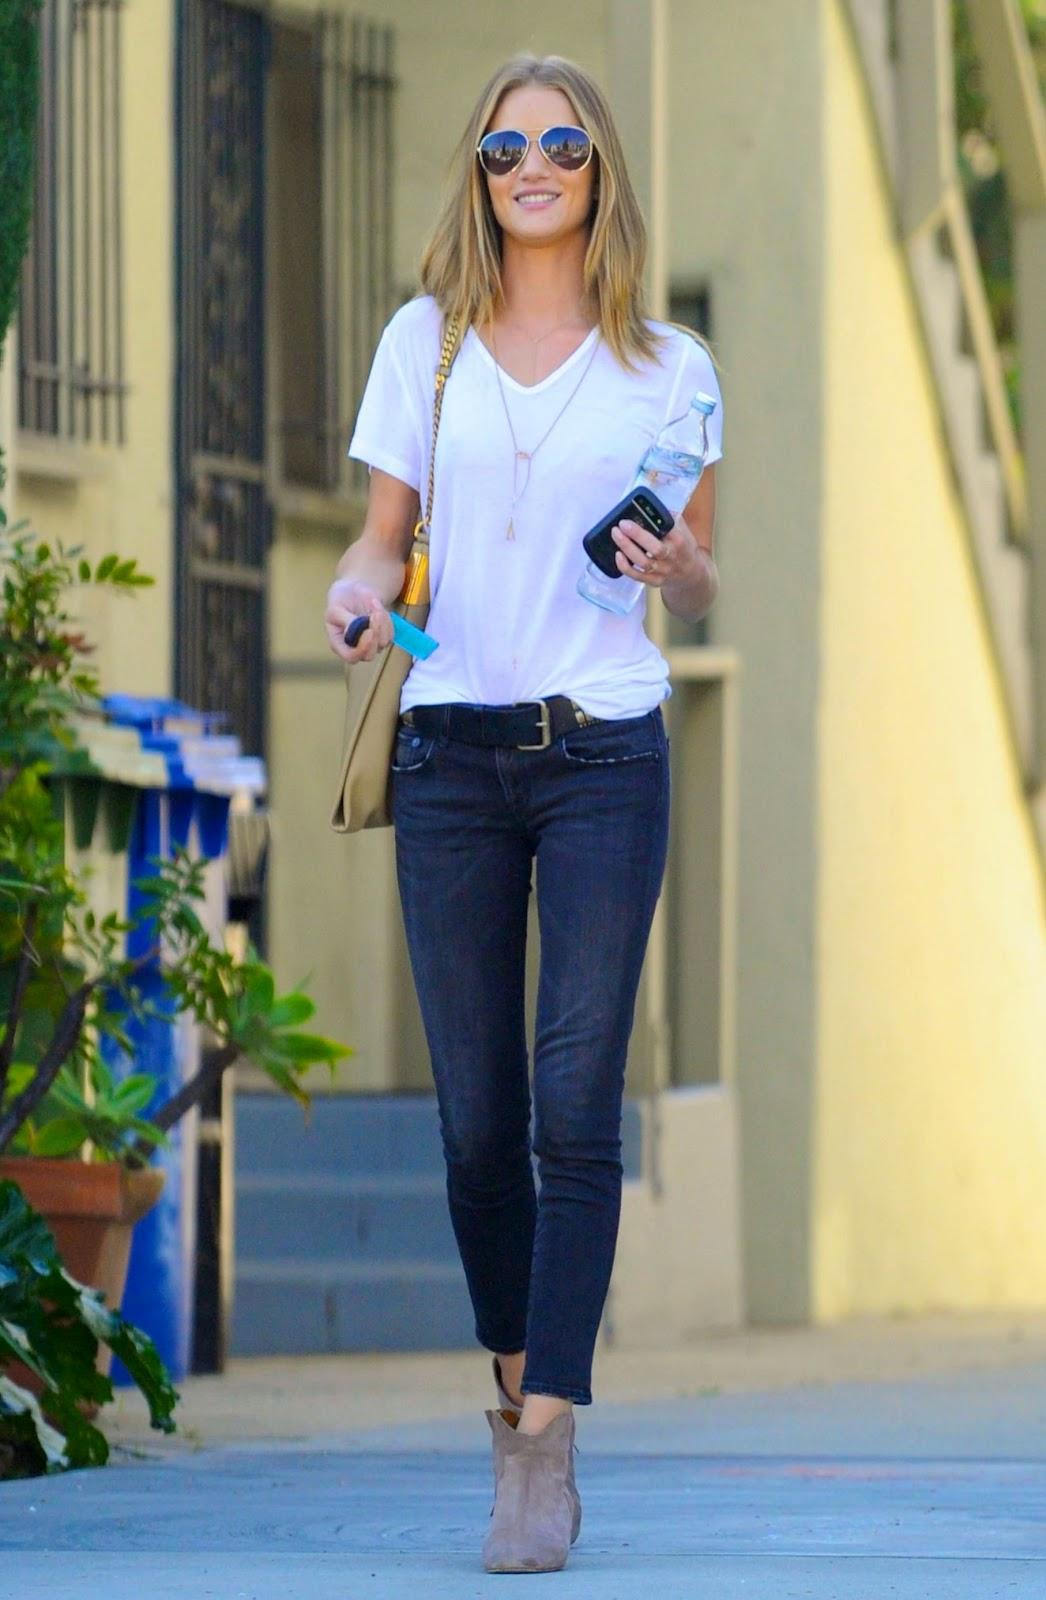 Белая майка и джинсы фото женские